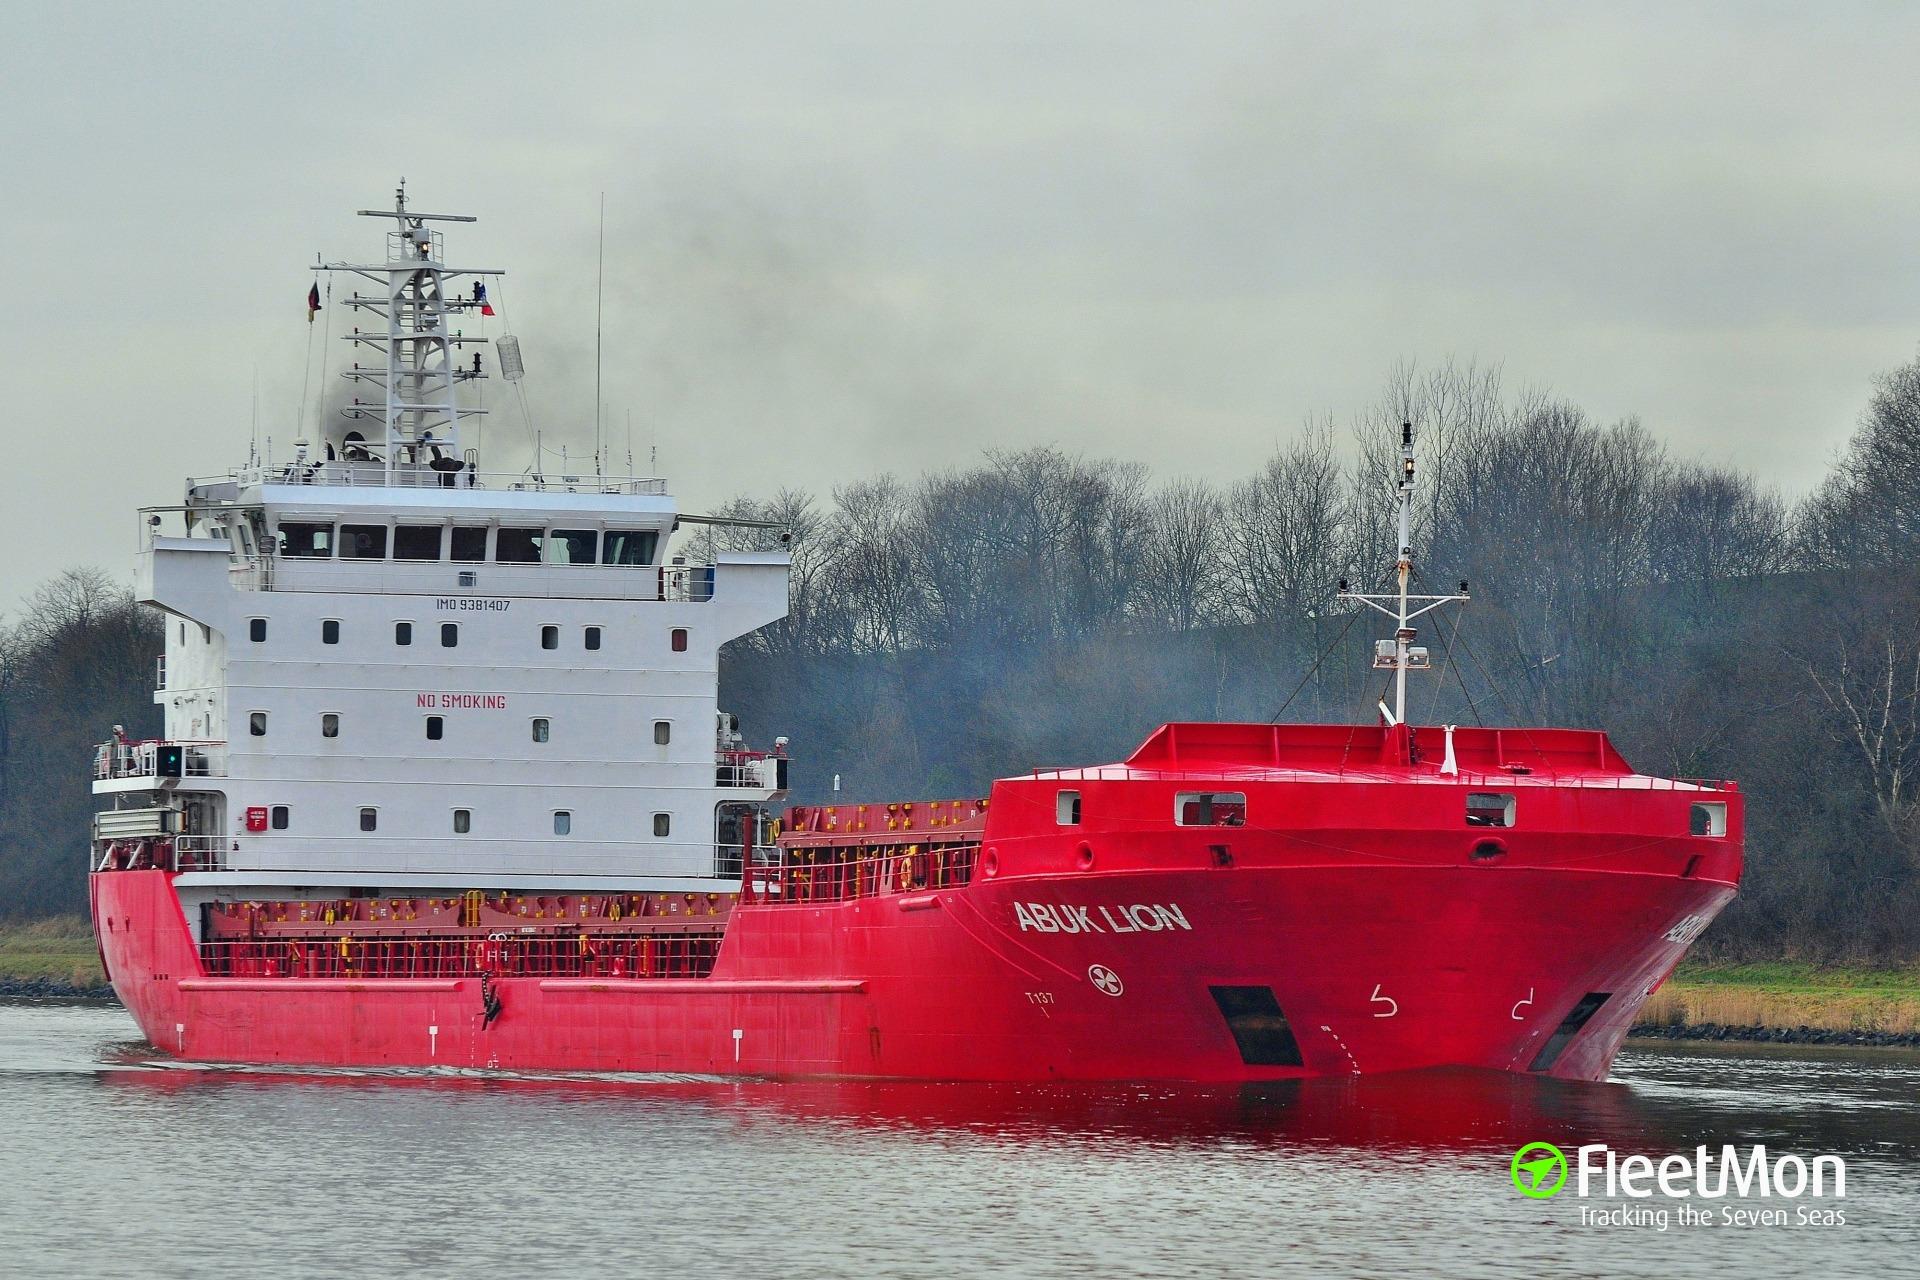 Abuk Lion under tow after engine failure, Celtic Sea